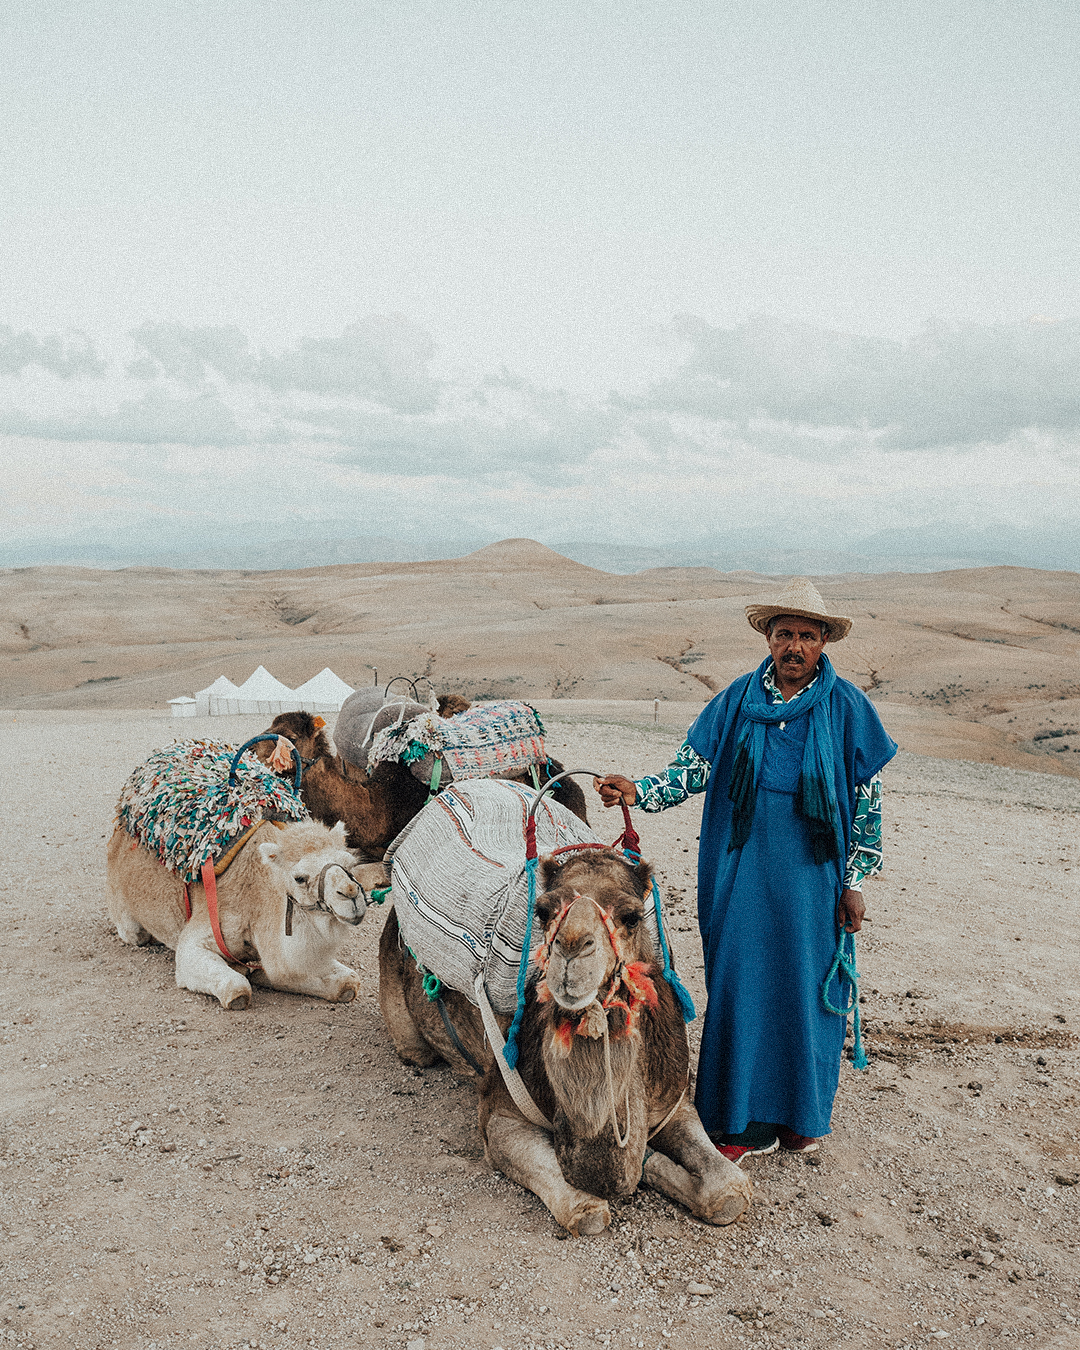 Camel_IG.jpg